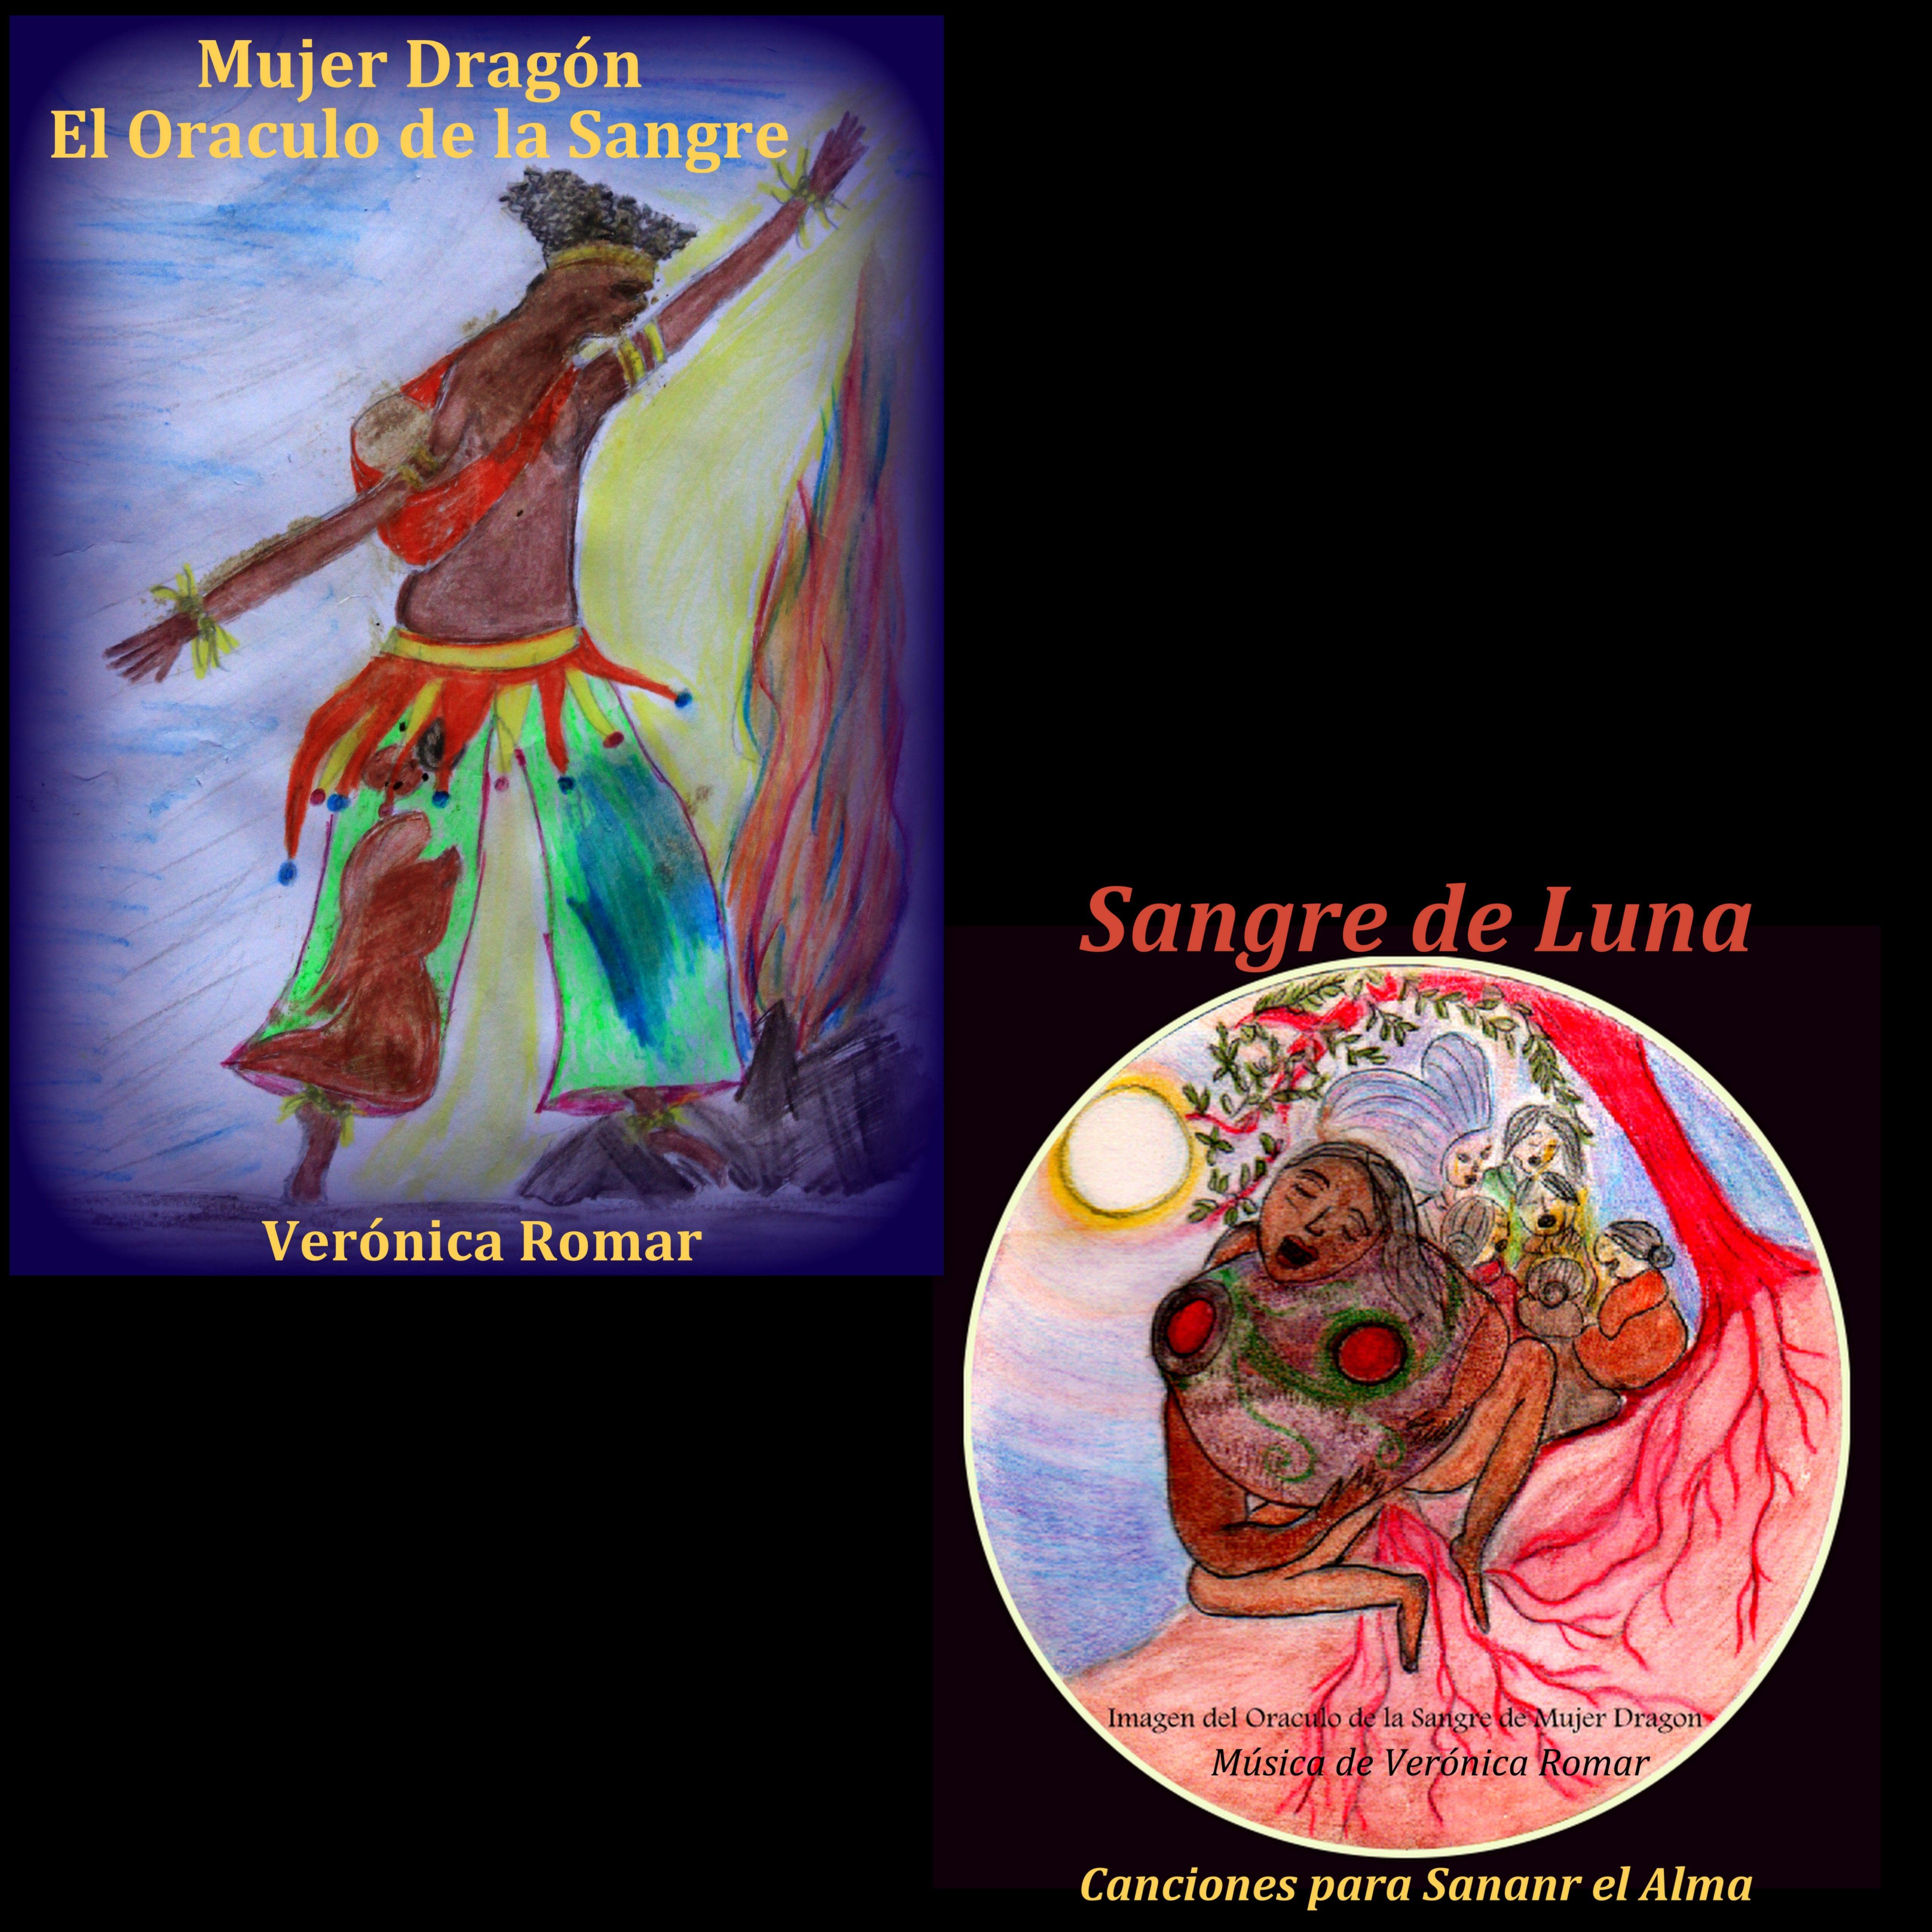 Un viaje a Ritmo Natural. El Canto de la Sangre de las Mujeres. La Danza que Conecta con la Sabiduria del Cuerpo, El Oraculo de la Sangre, El Viaje a ese Lugar Sagrado donde habitan todas las Res…